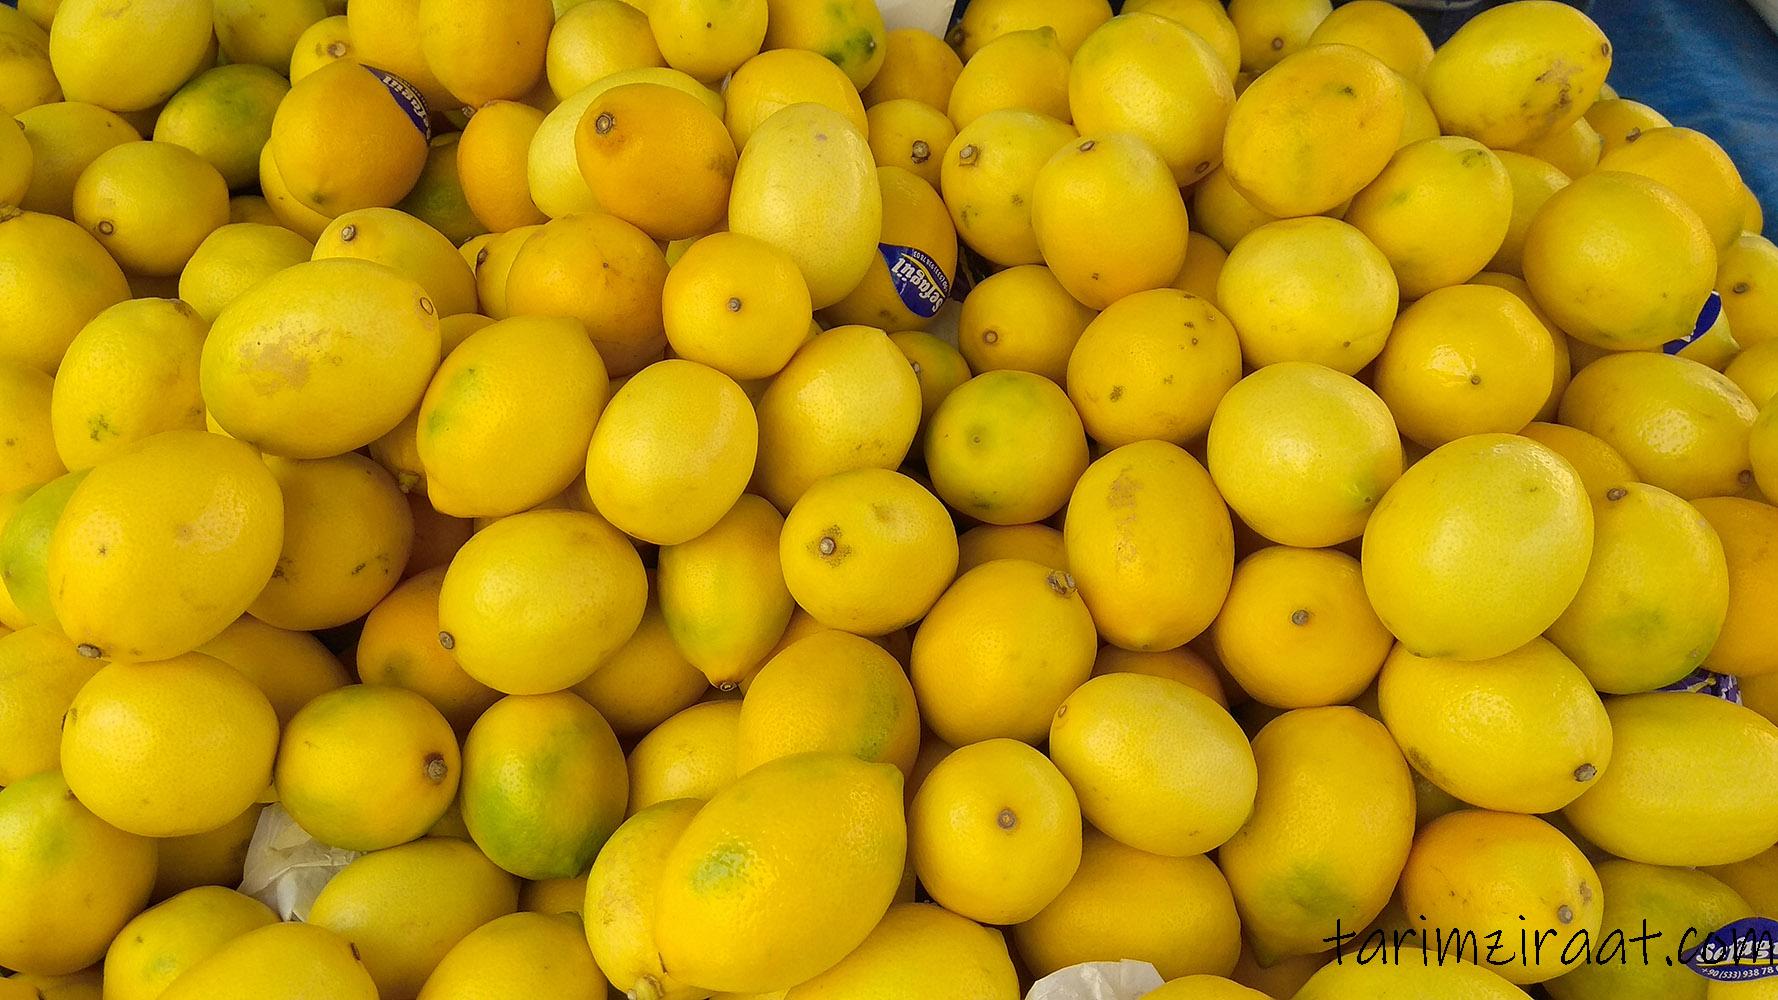 Limon fiyatları,Limon piyasası, Limon resmi